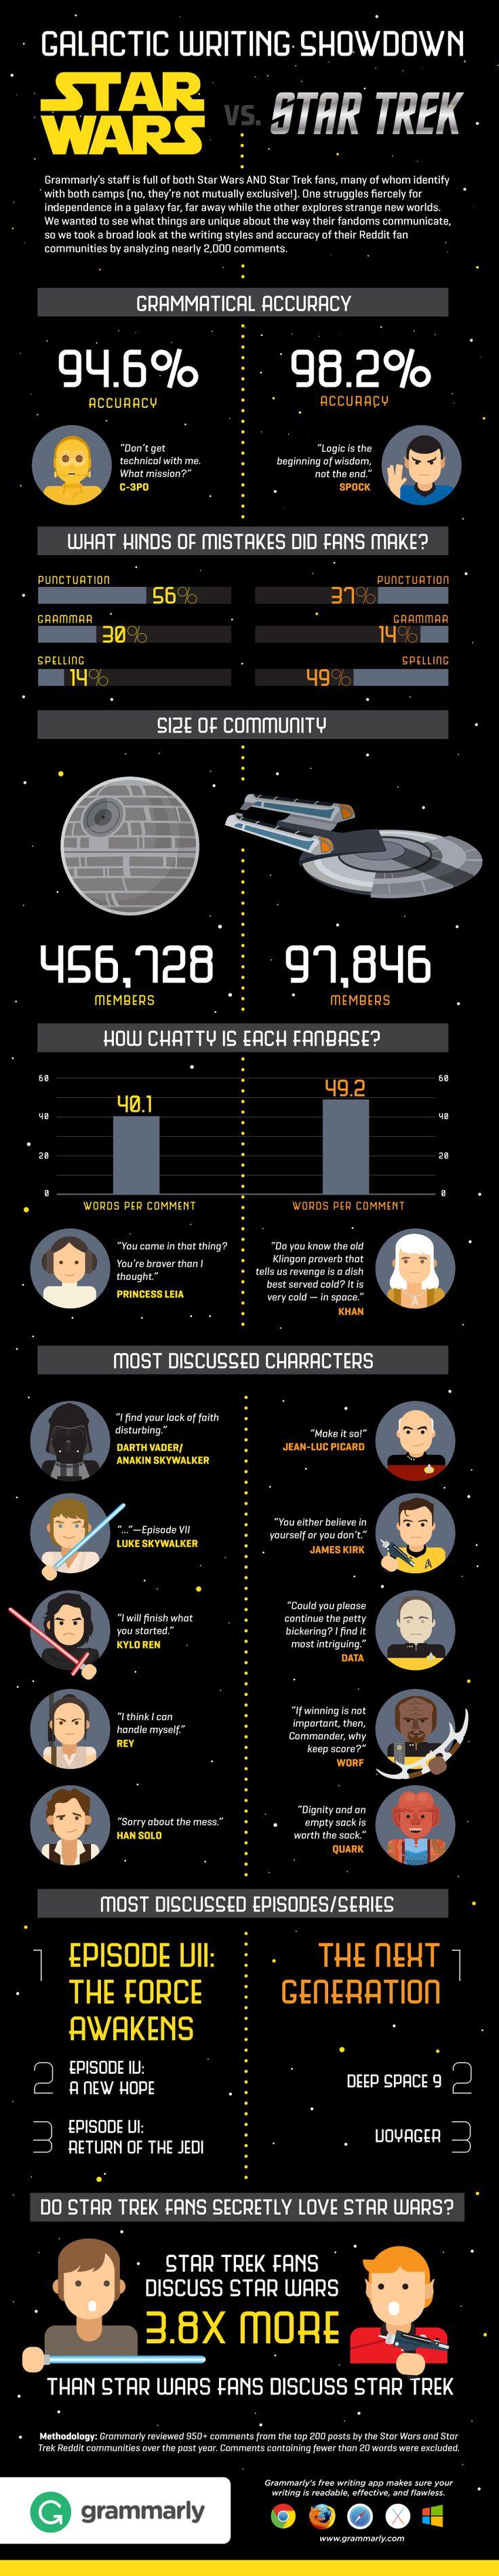 Star trek vs star wars essay